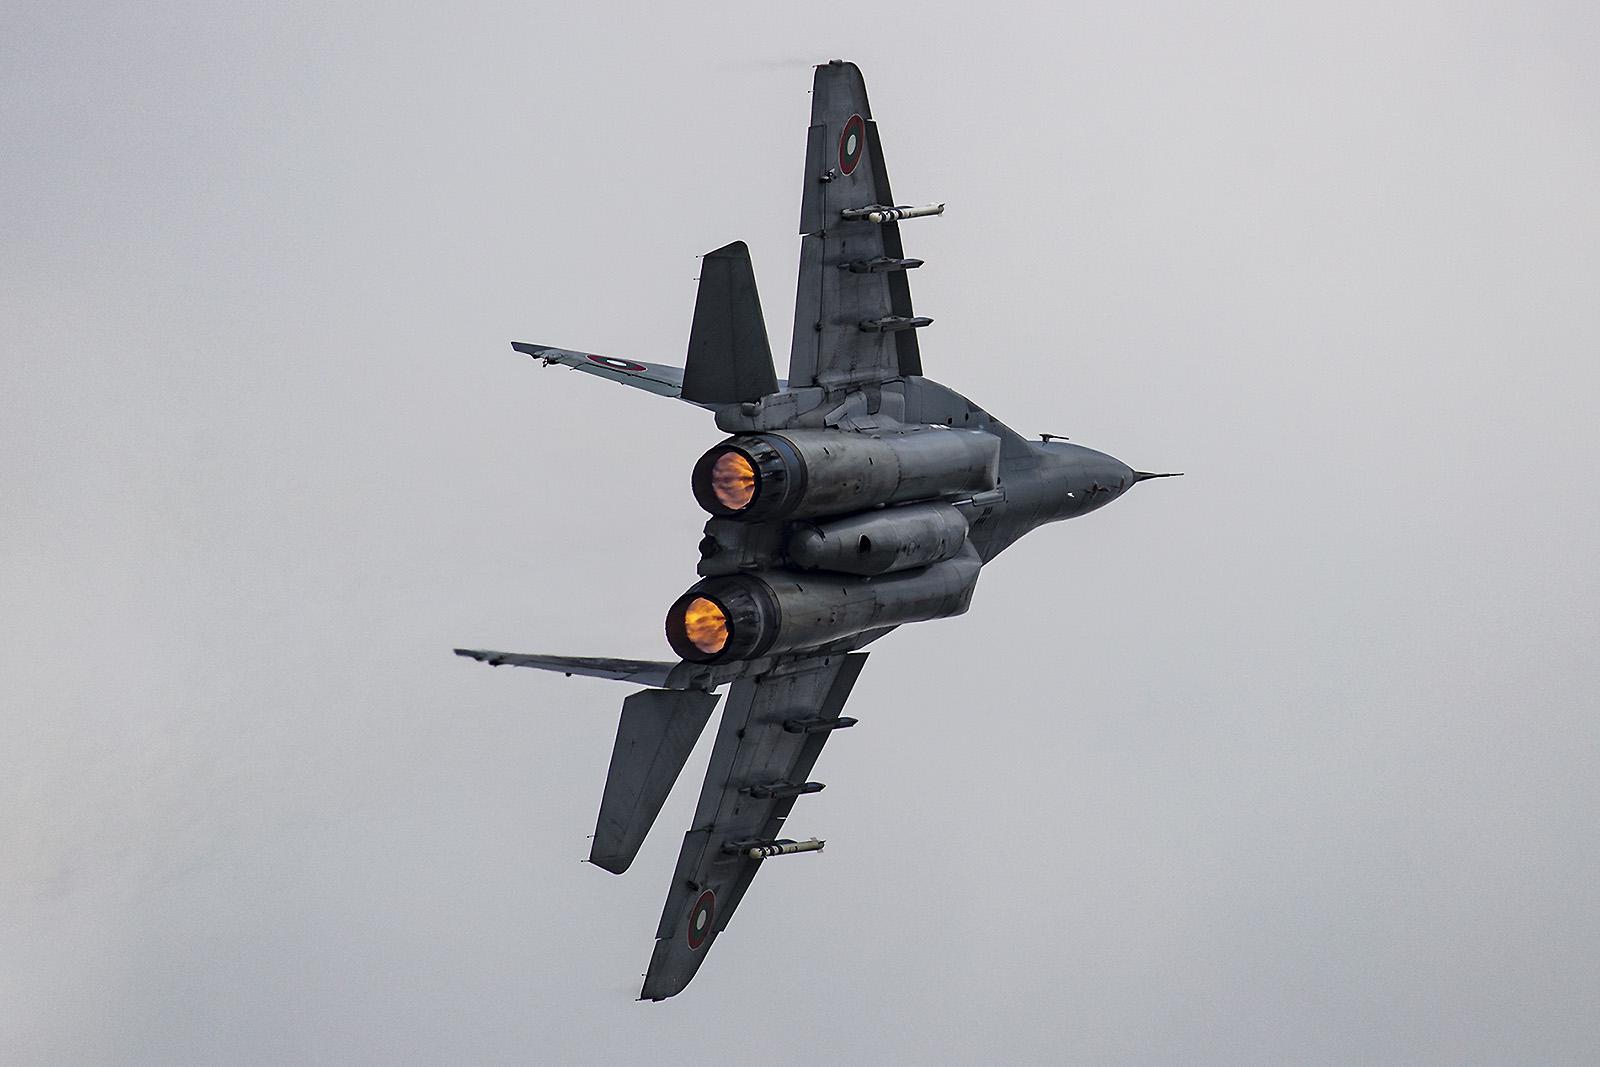 Die MiG-29 wird von zwei Klimov RD-33 angestrieben.